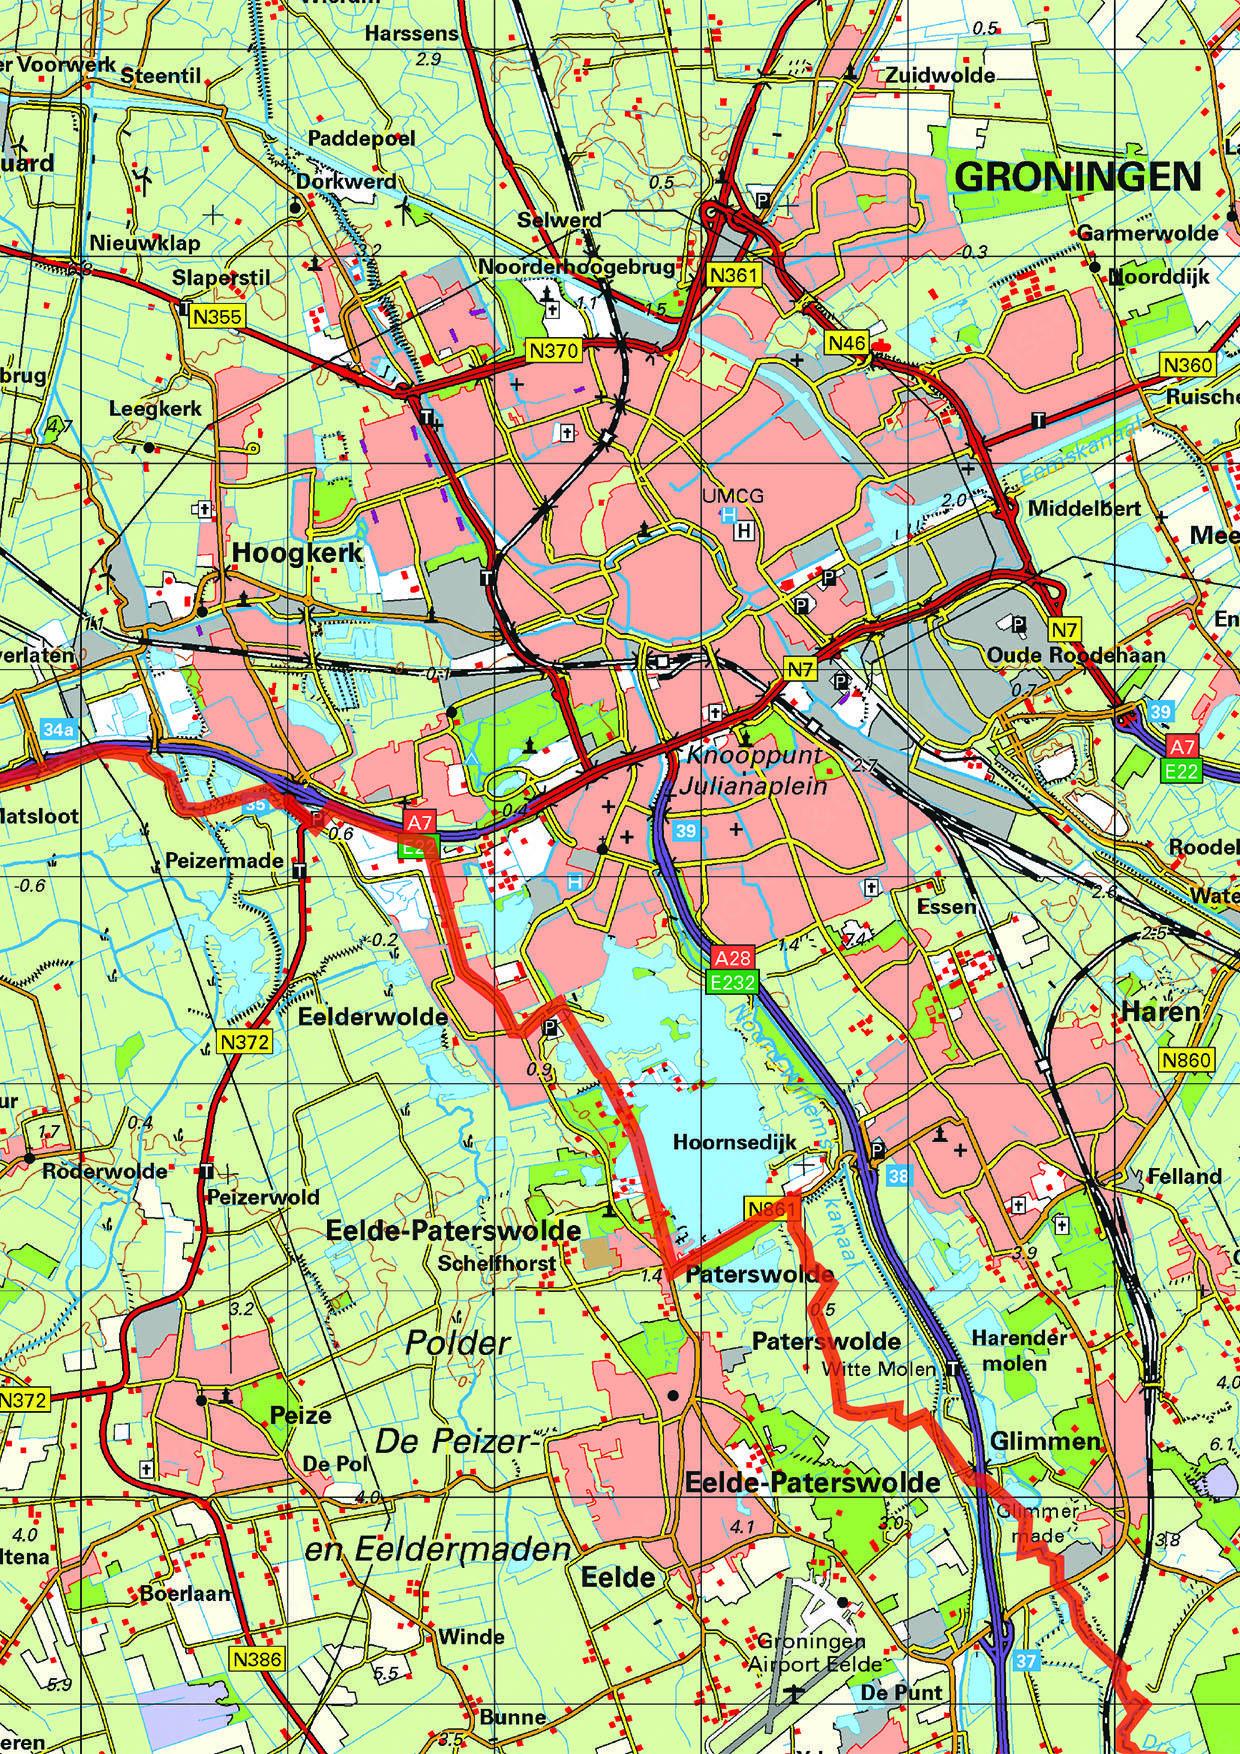 Topografische kaart Groningen 1:100.000